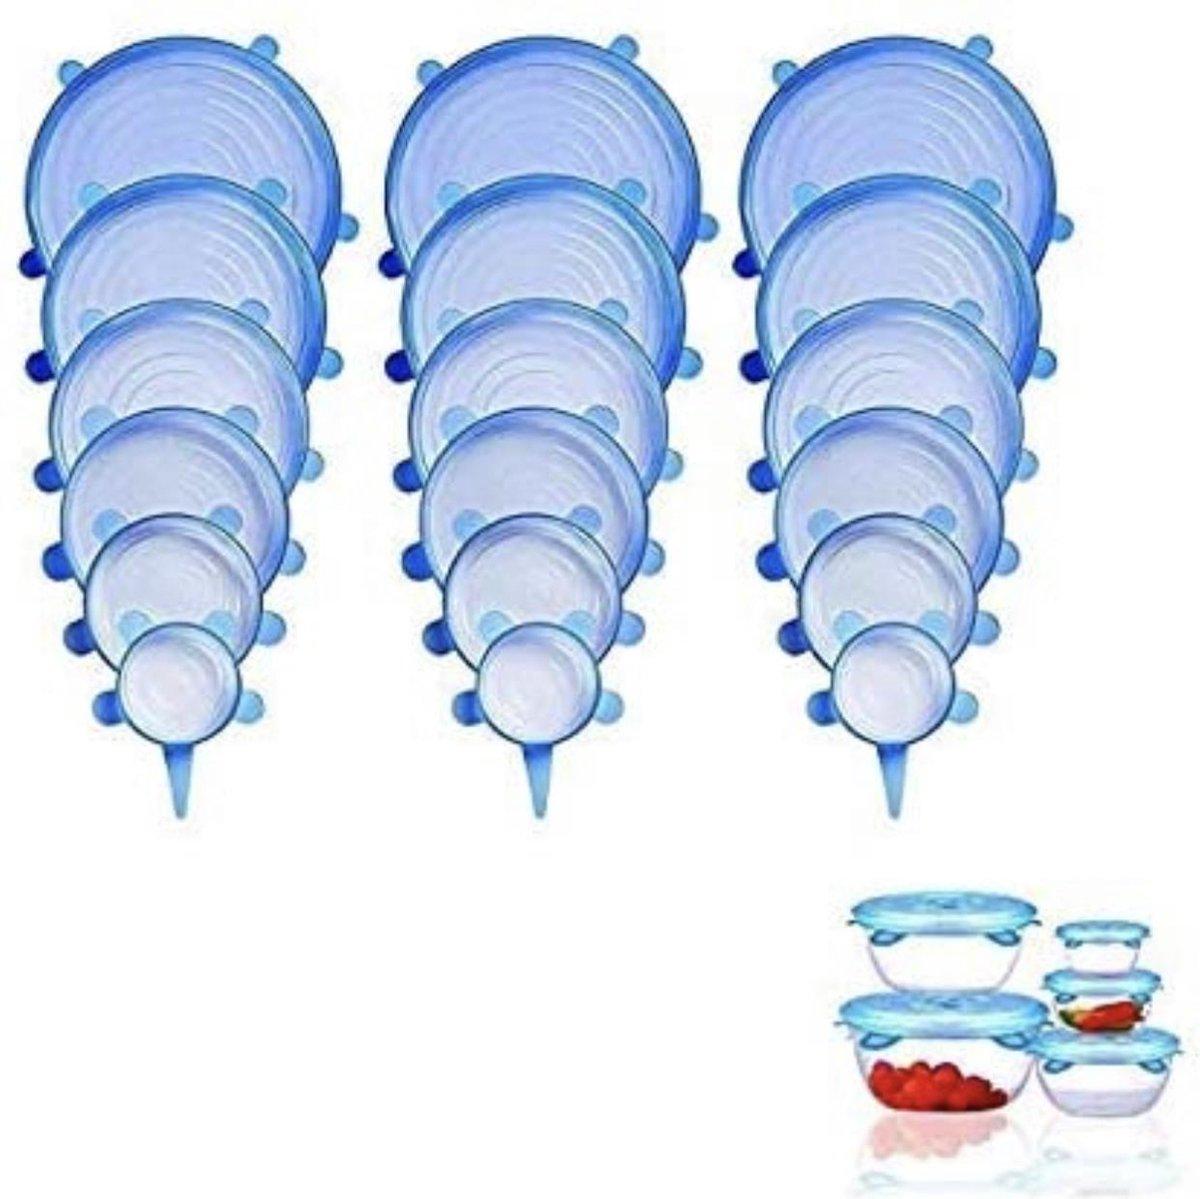 18 siliconen deksel stretche afsluitdeksels voor vershoud -seal herbruikbaar deksel (3x6) 6 verschil